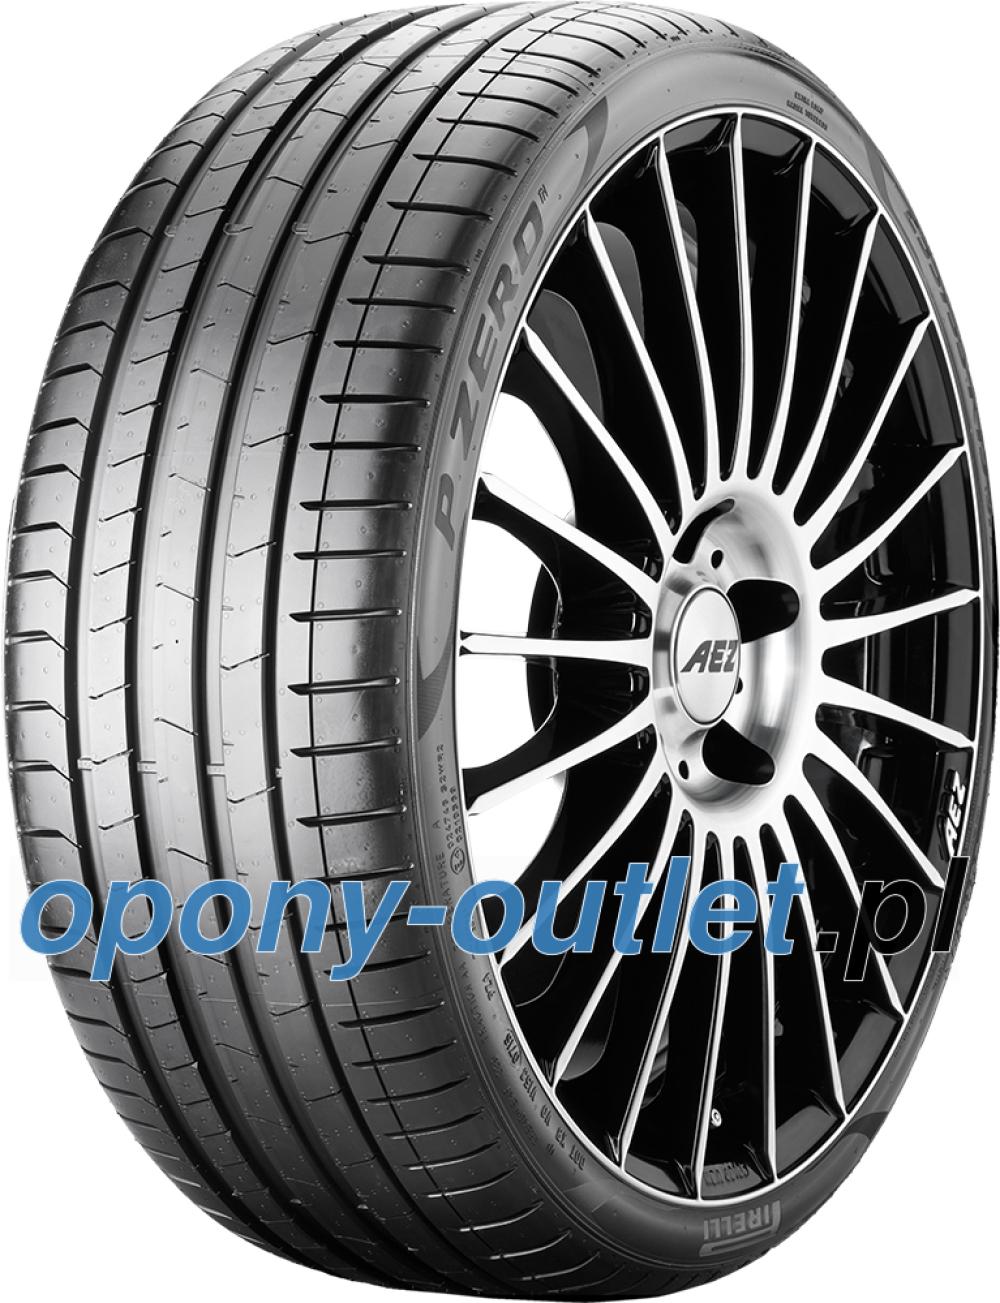 Pirelli P Zero LS ( 255/40 R21 102V XL PNCS, VOL )